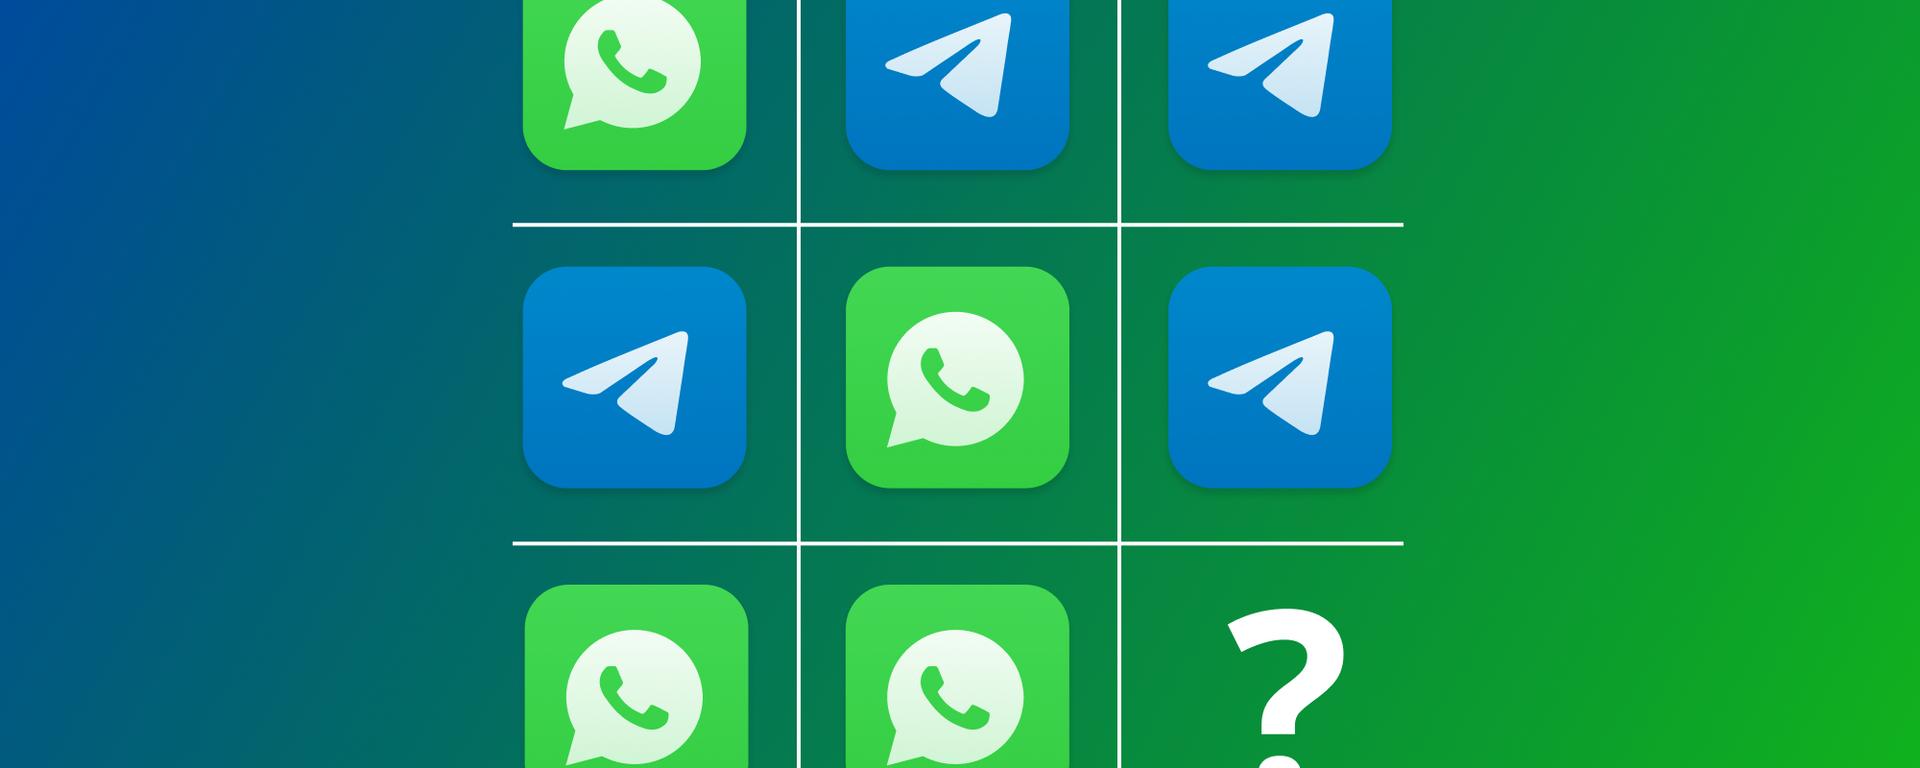 WhatsApp vs Telegram, la batalla de 2 gigantes de mensajería - Sputnik Mundo, 1920, 18.02.2021